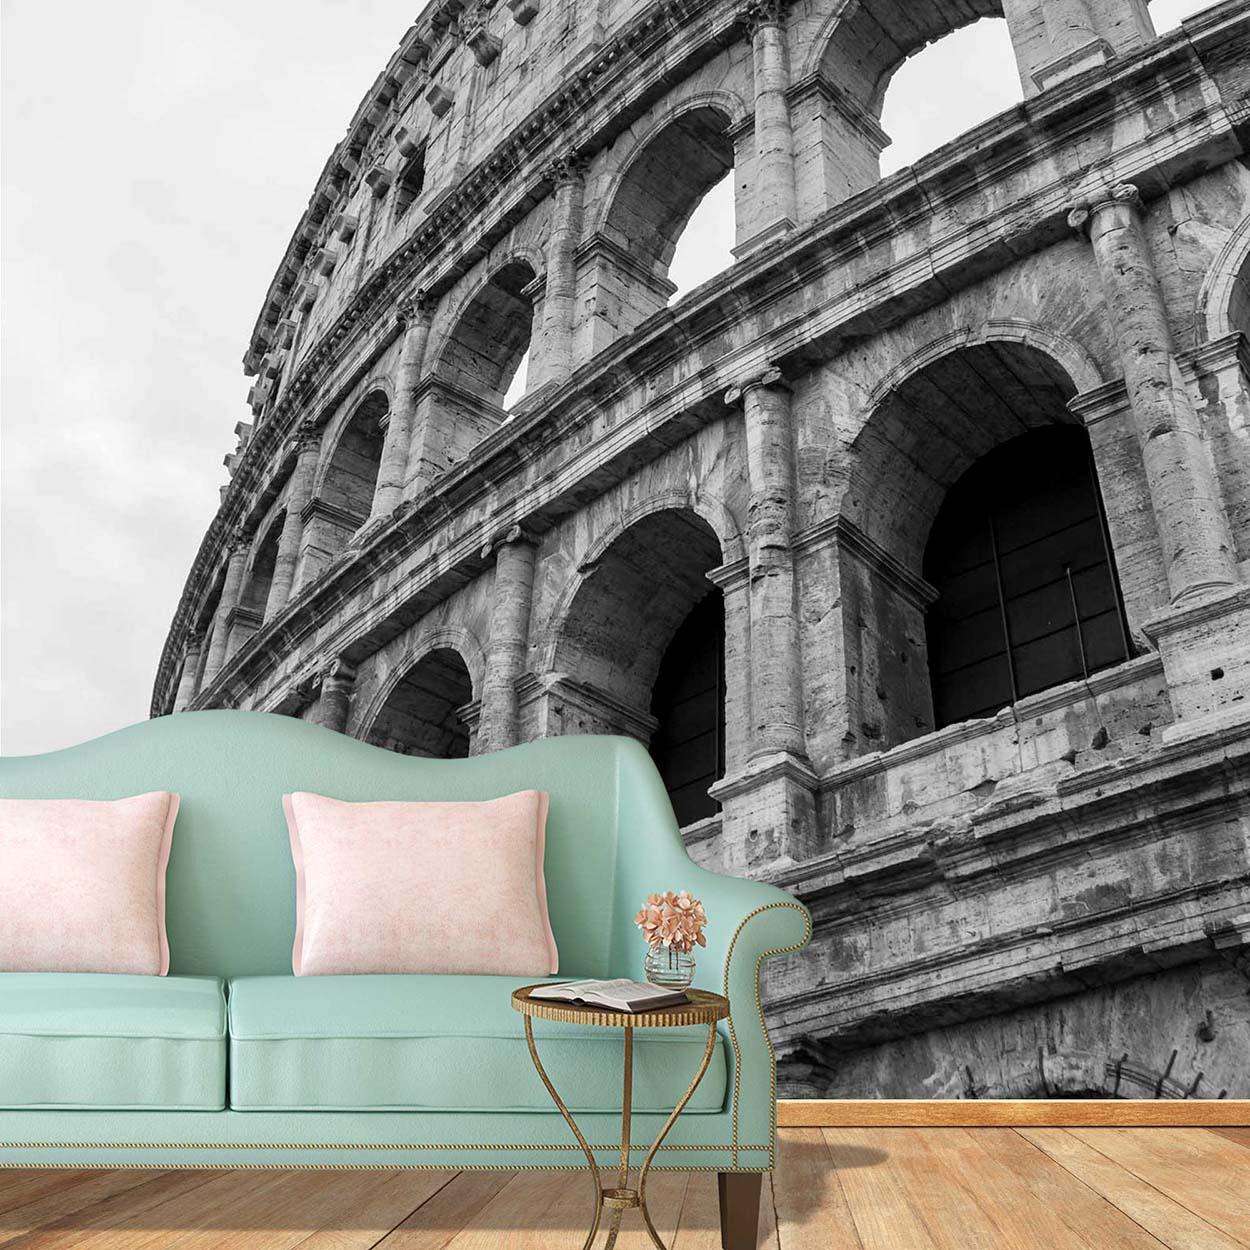 Carta Da Parati Roma carta da parati roma 240x300 - vesti la tua casa - acquista su ventis.